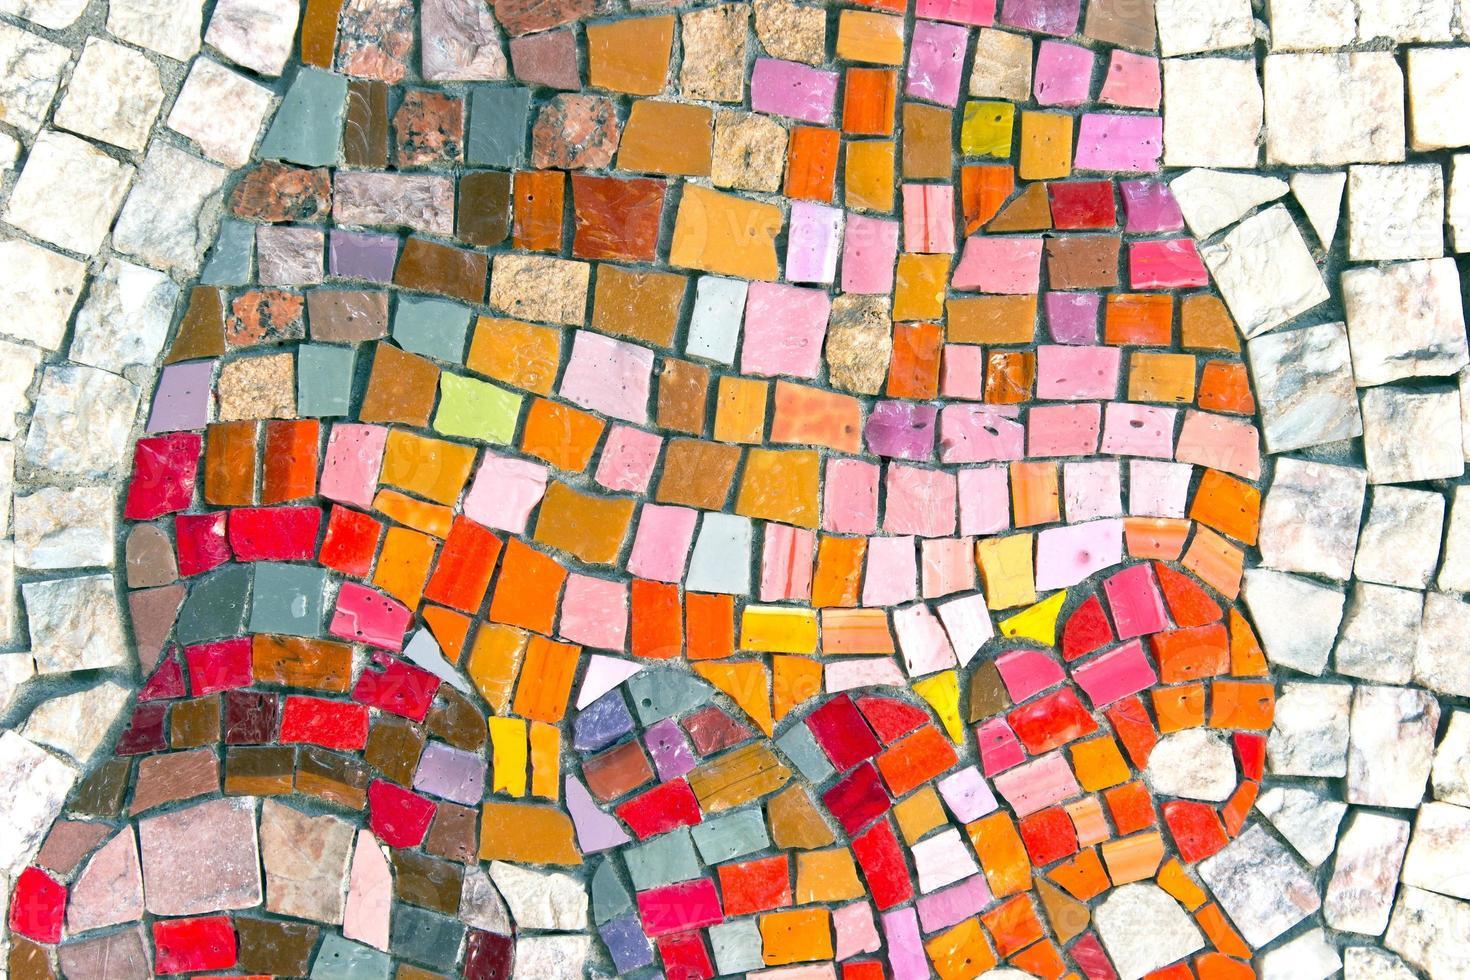 Marmorsteinmosaikbeschaffenheit als Hintergrund foto